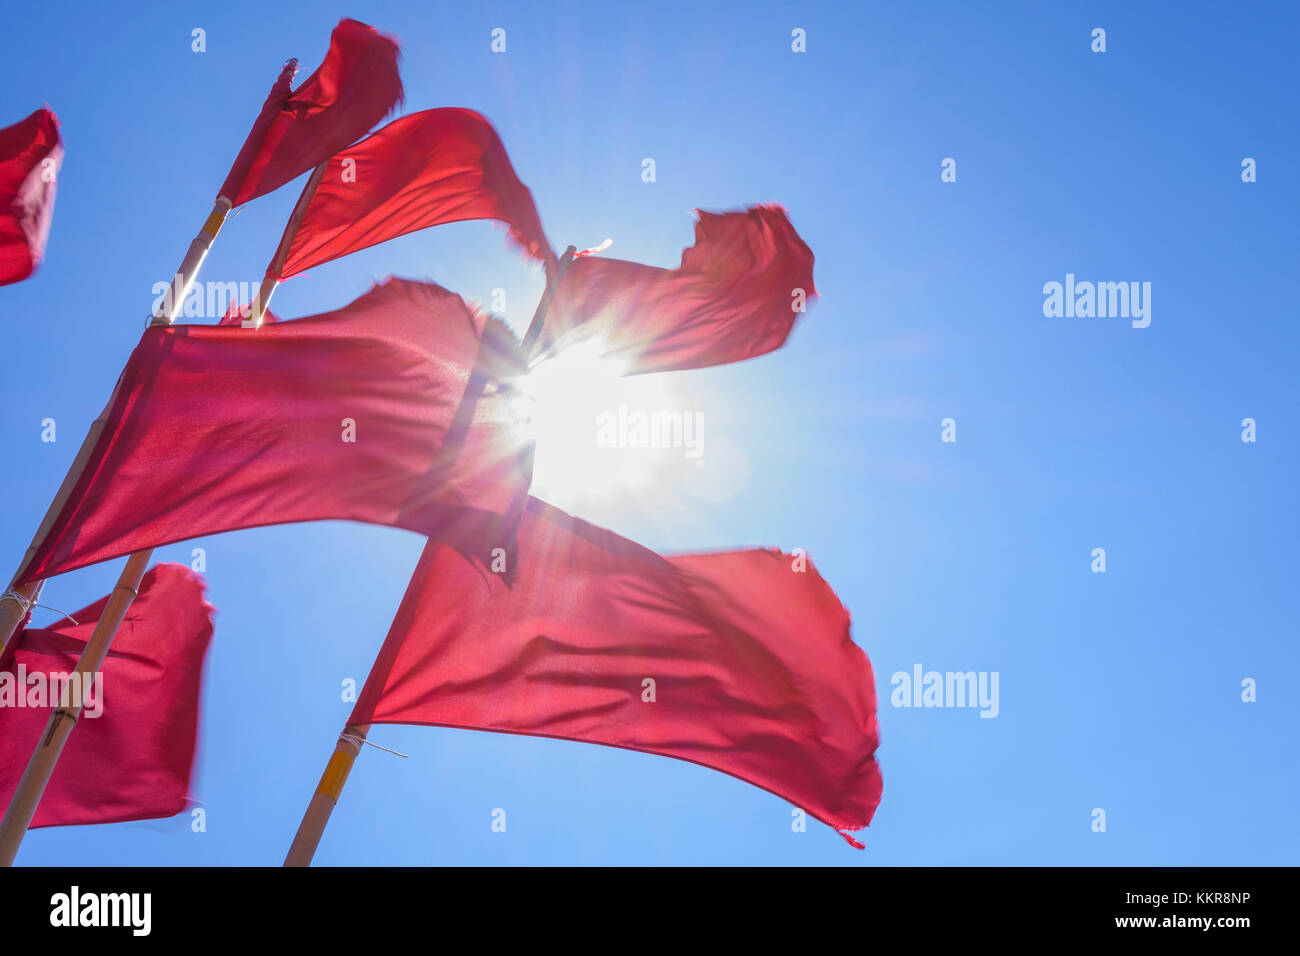 Red marking flags for fishingnets with sun, Hornbaek, Kattegat, Zealand, Denmark - Stock Image